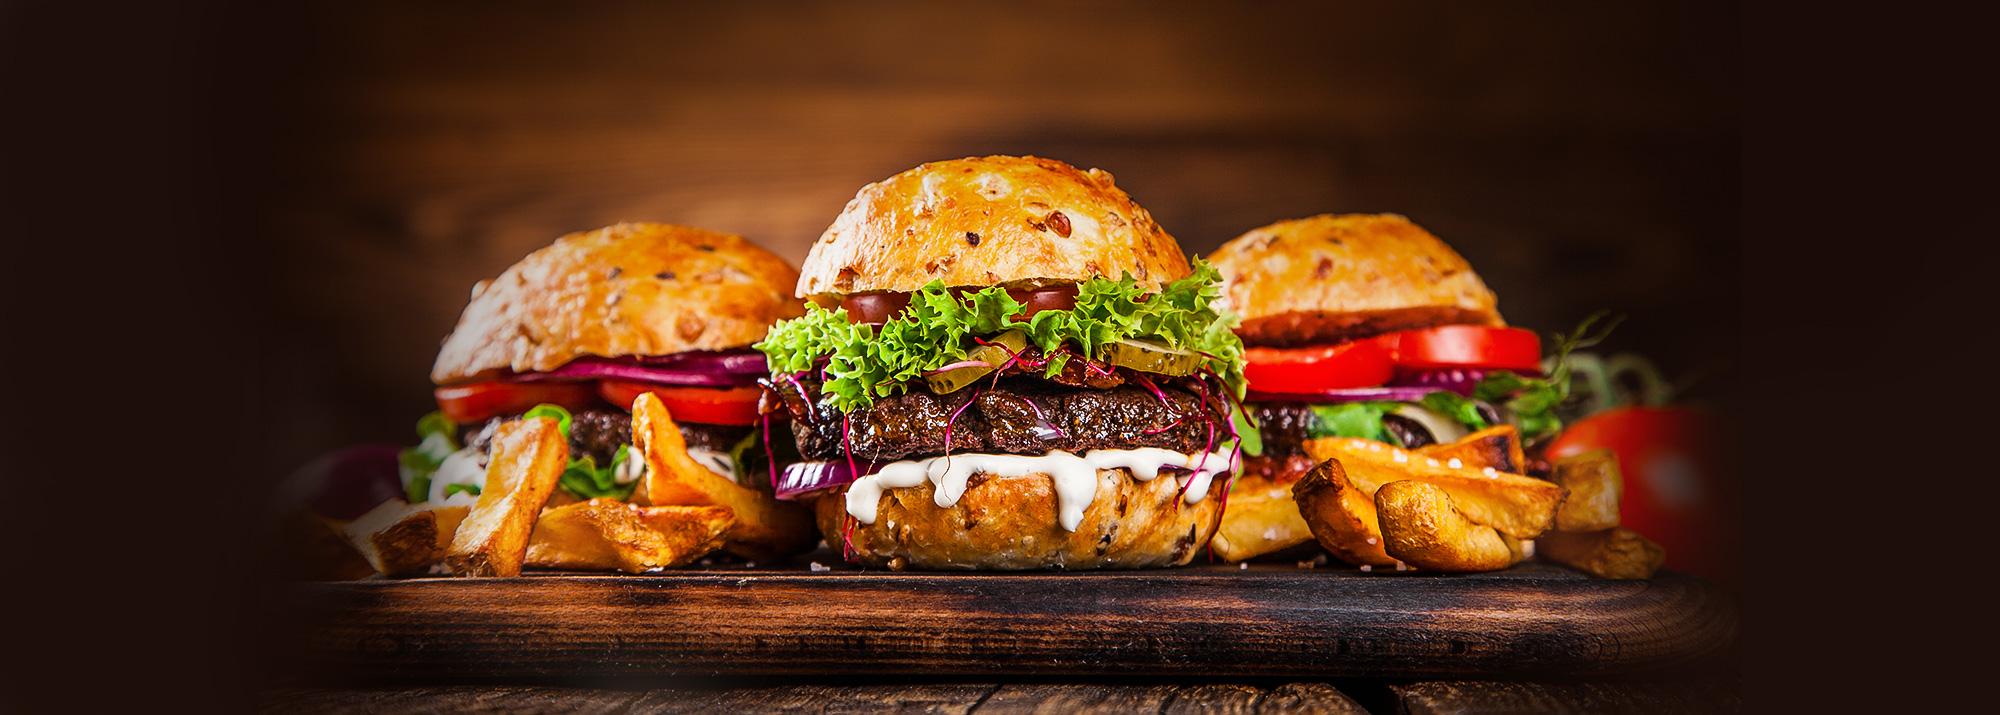 Dia do Hambúrguer: receitas de hambúrguer para fazer em casa